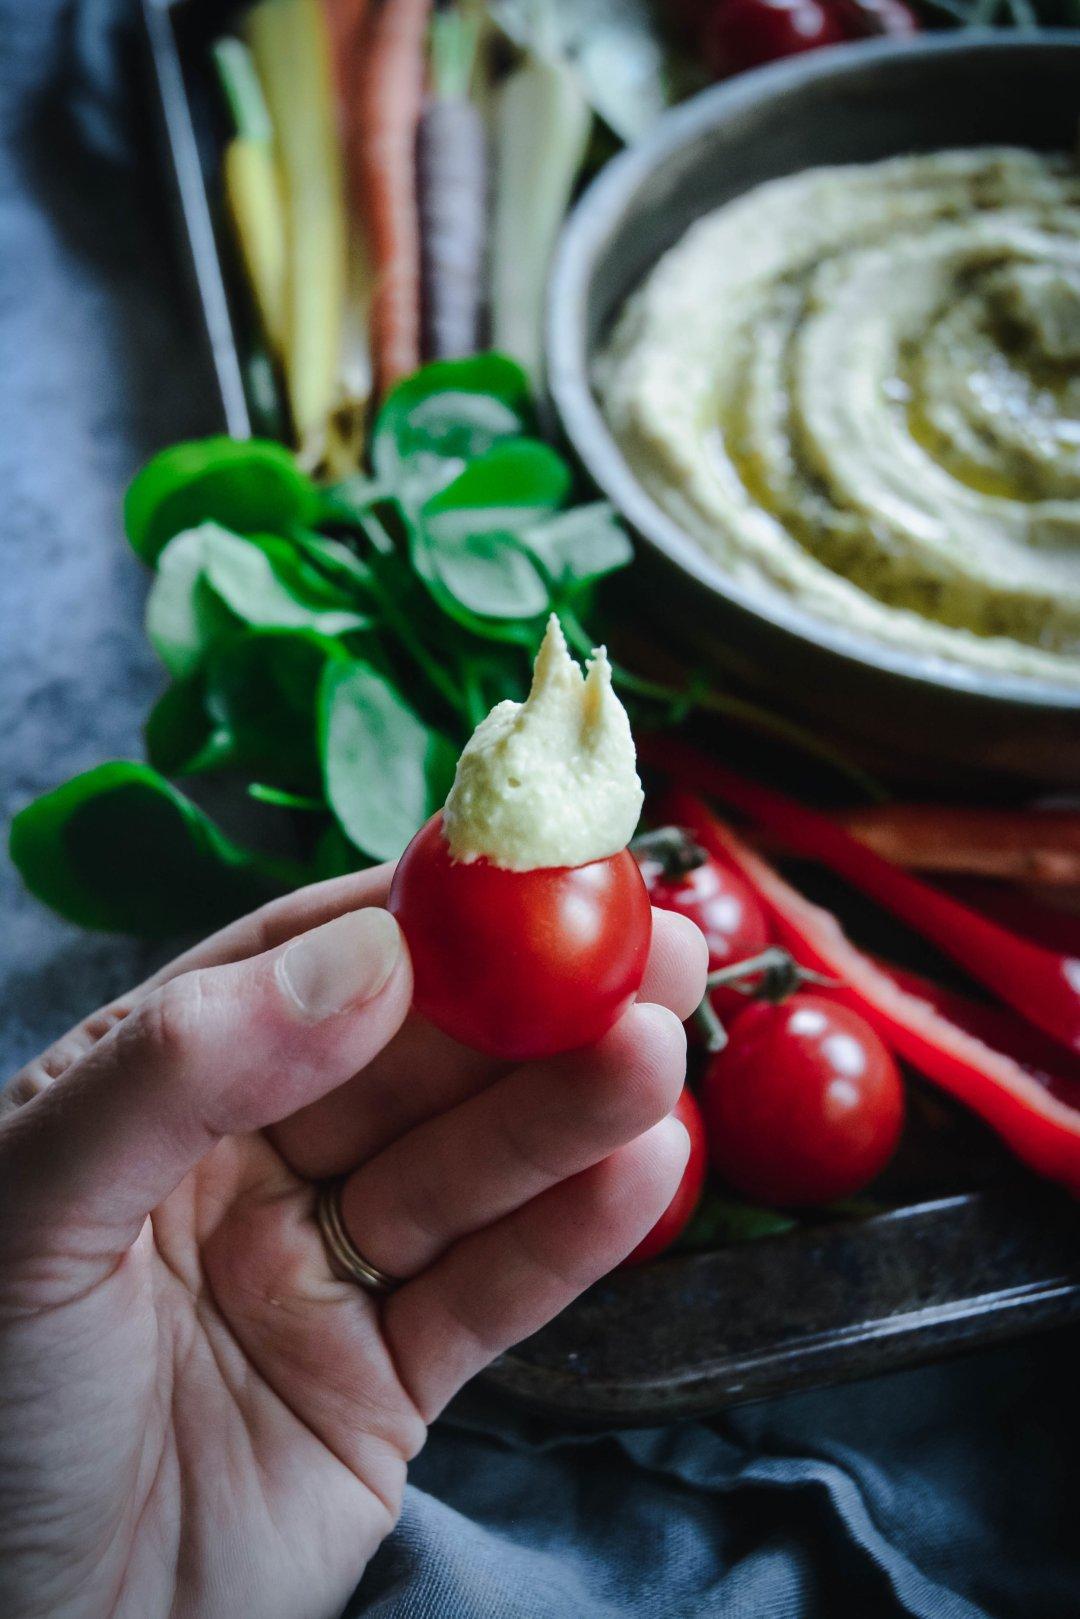 hummus on tomato